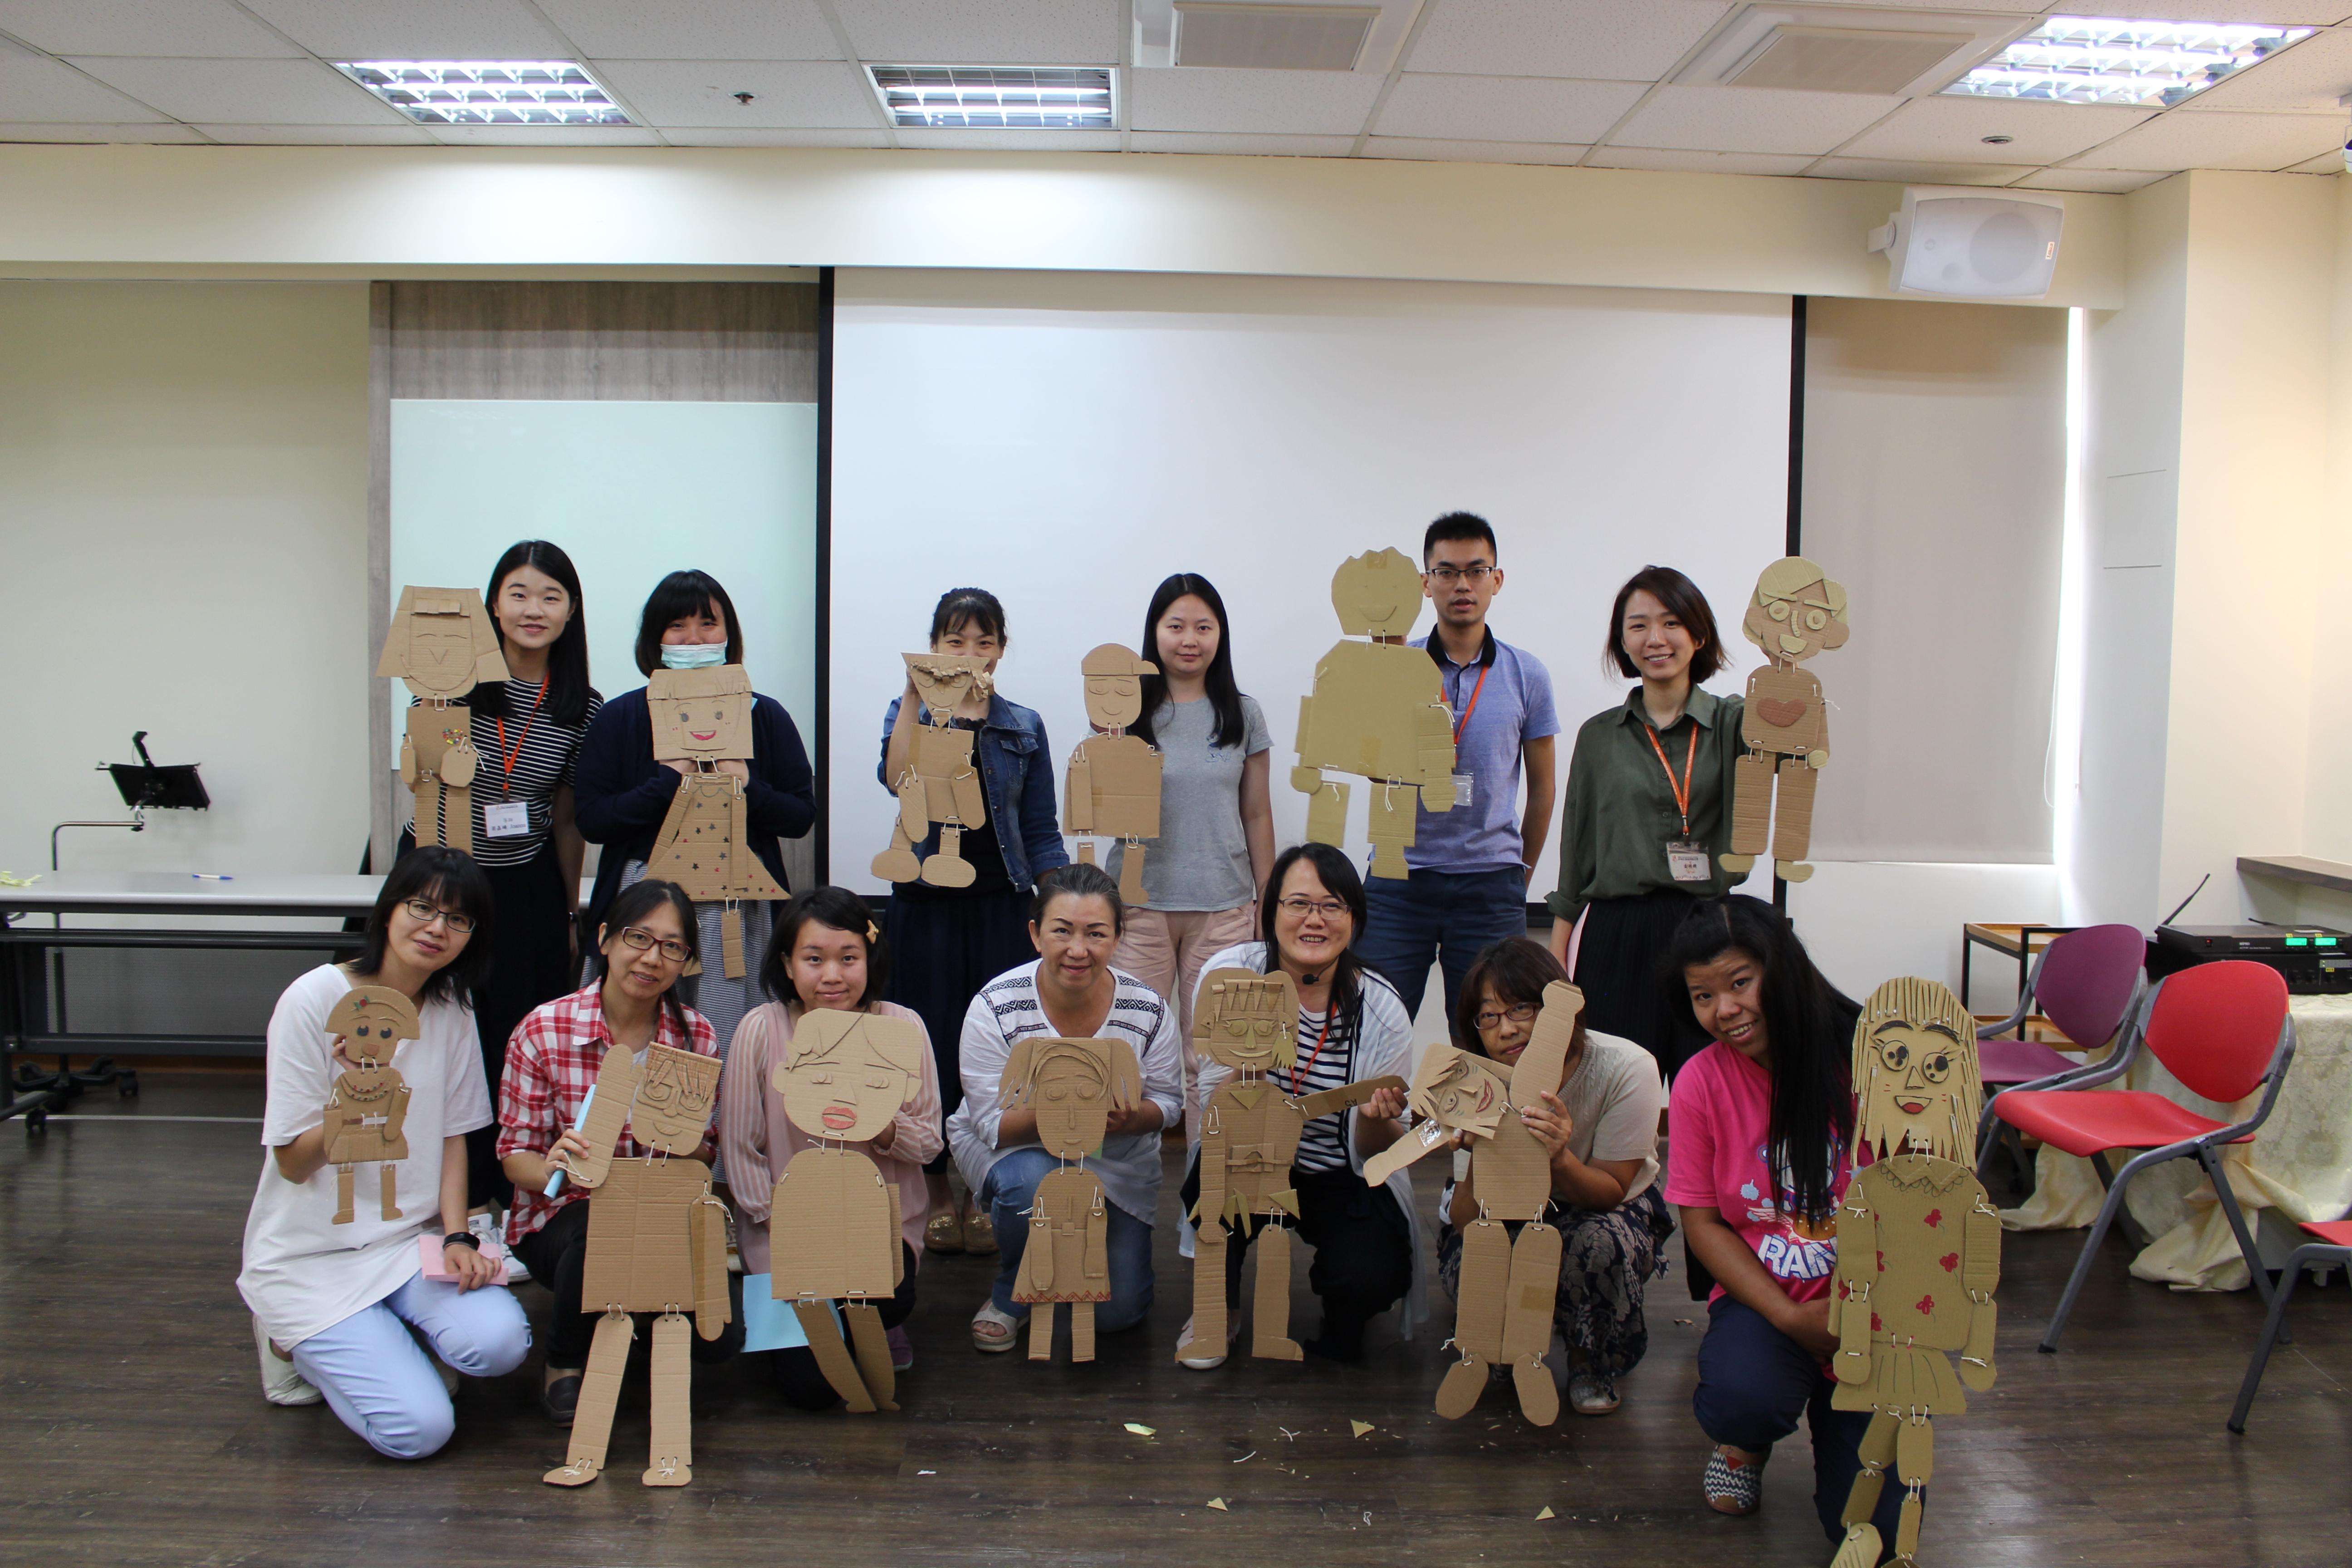 Art materials - Puppets